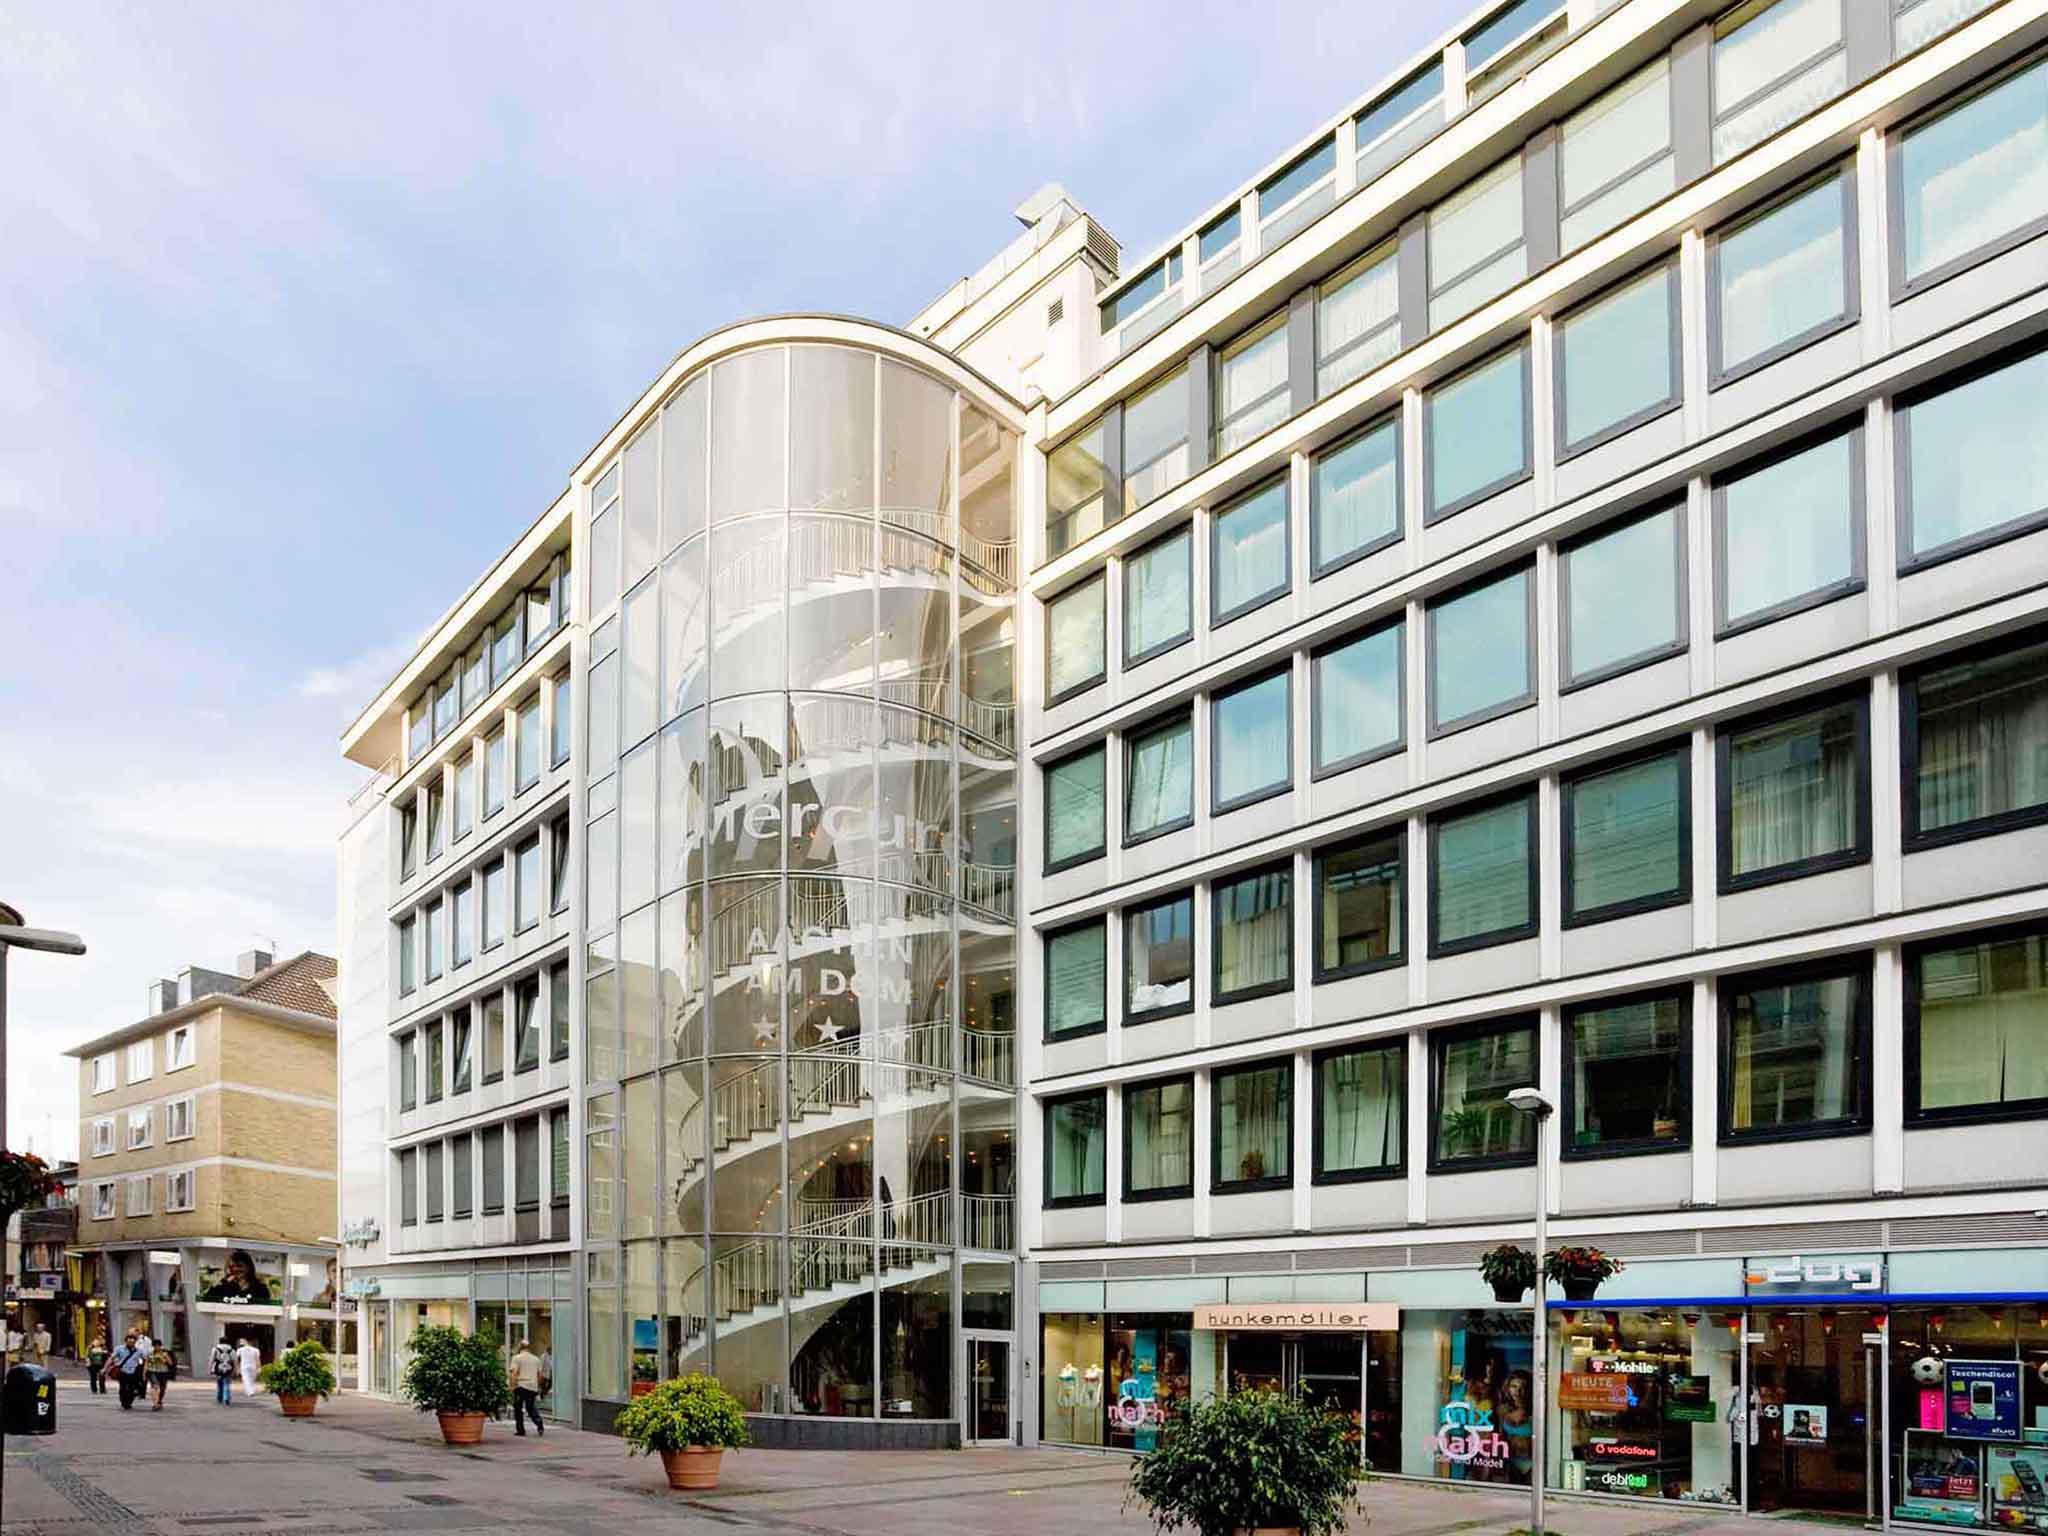 فندق - Mercure Hotel Aachen am Dom